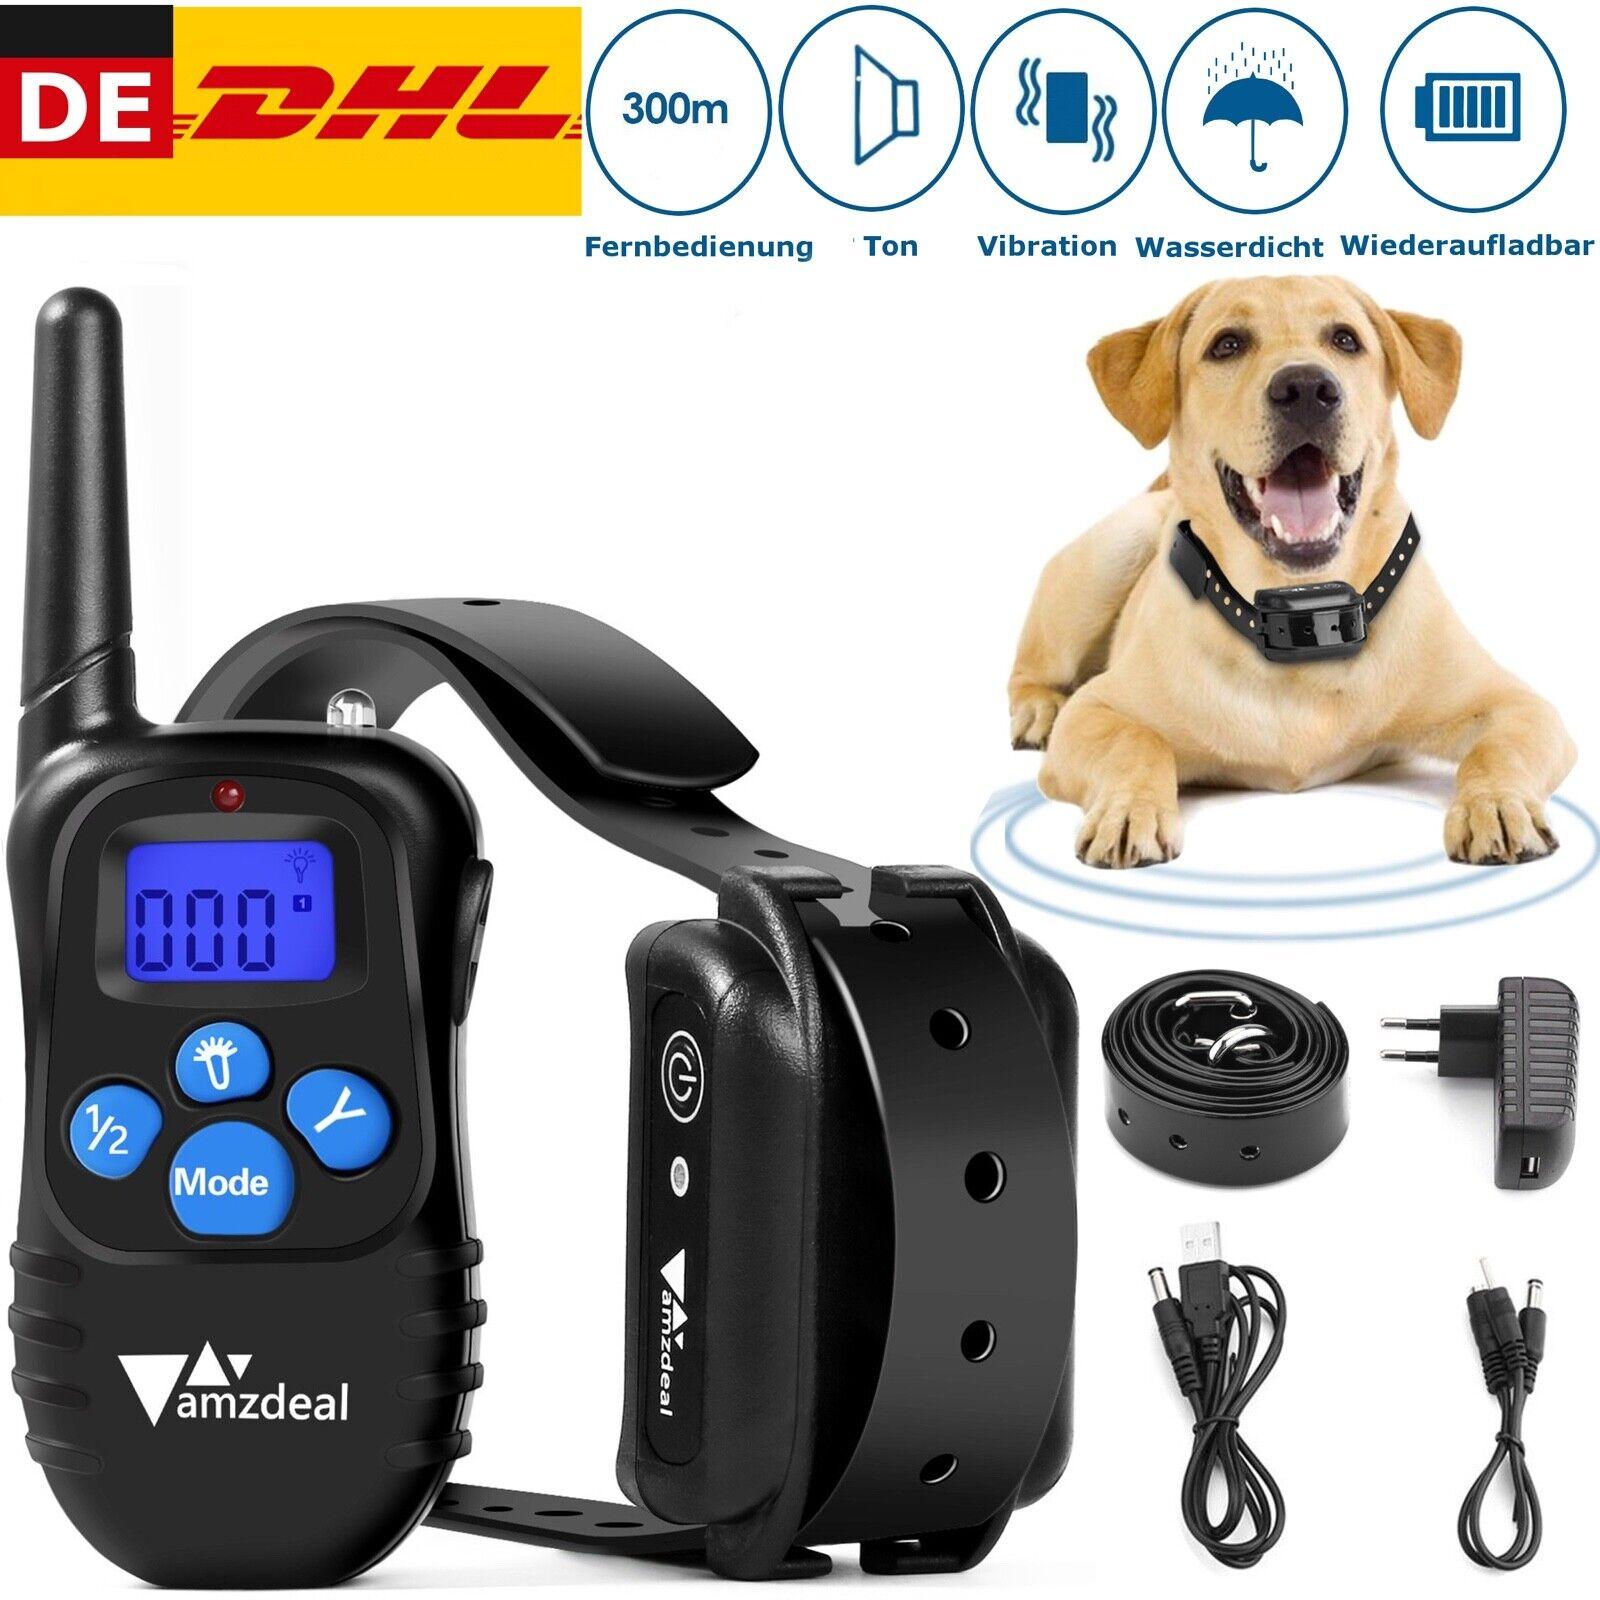 Antibell Halsband Collar Ton Vibration Ferntrainer Erziehungshalsband für Hunde